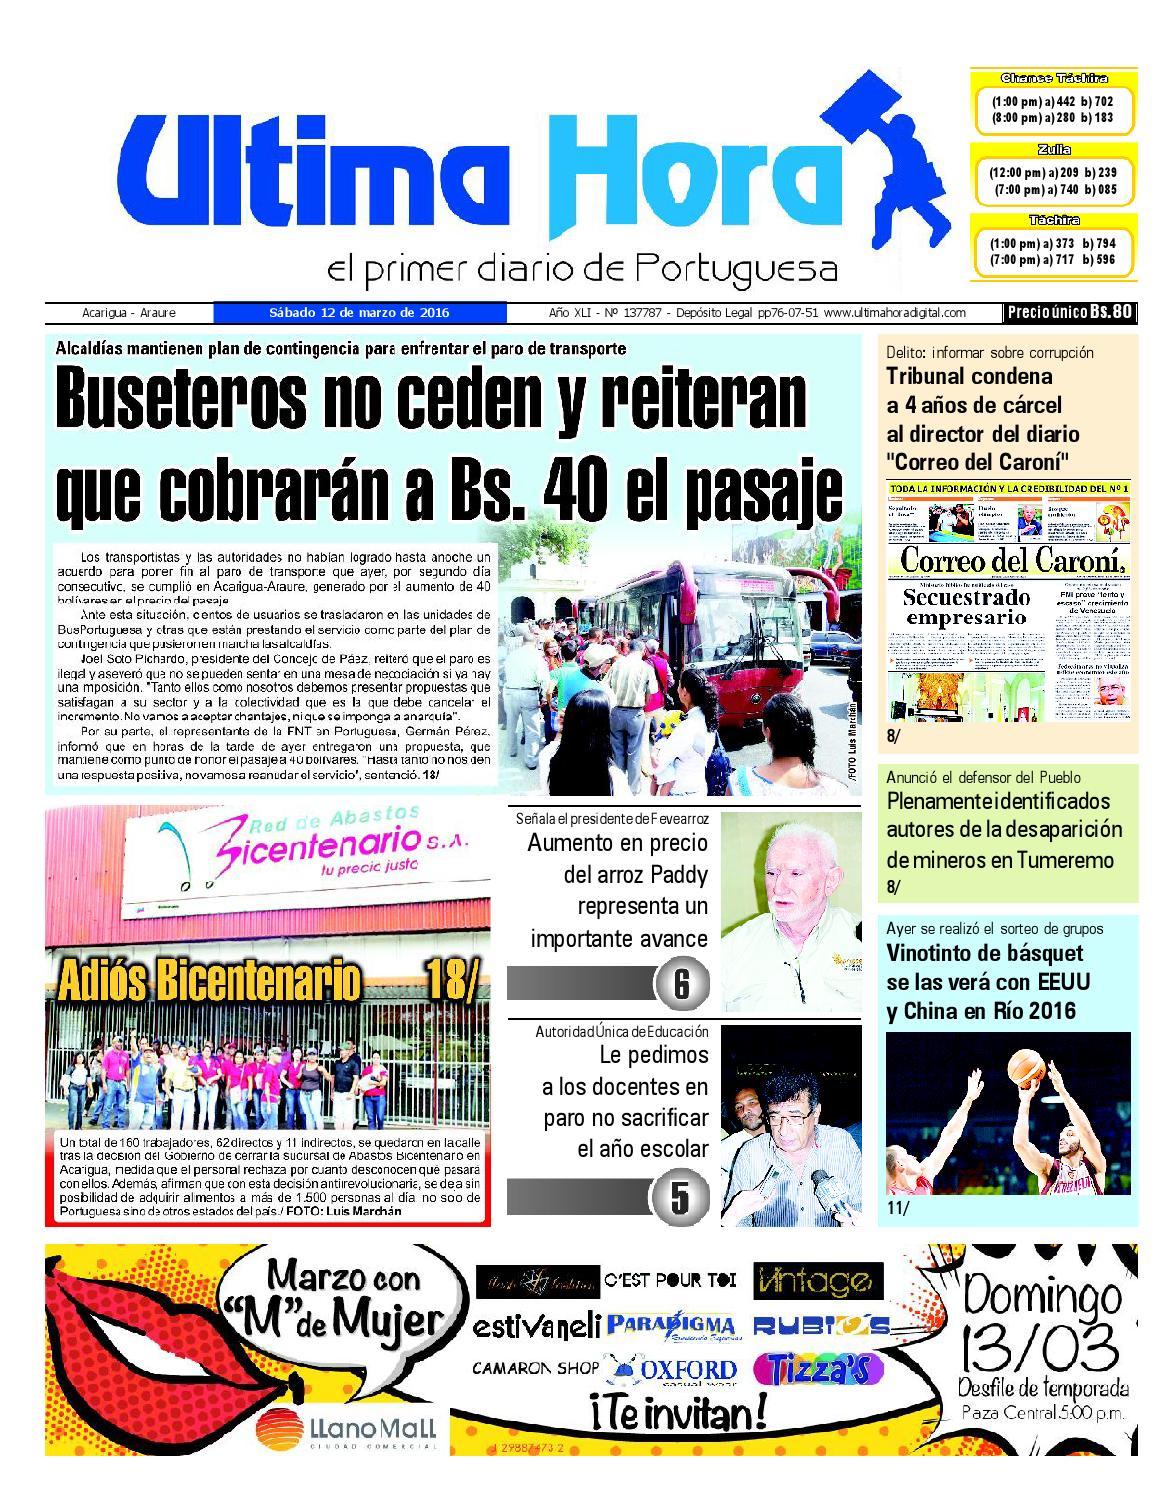 Edición 12 03 2016 by Ultima Hora - El primer diario de Portuguesa ...